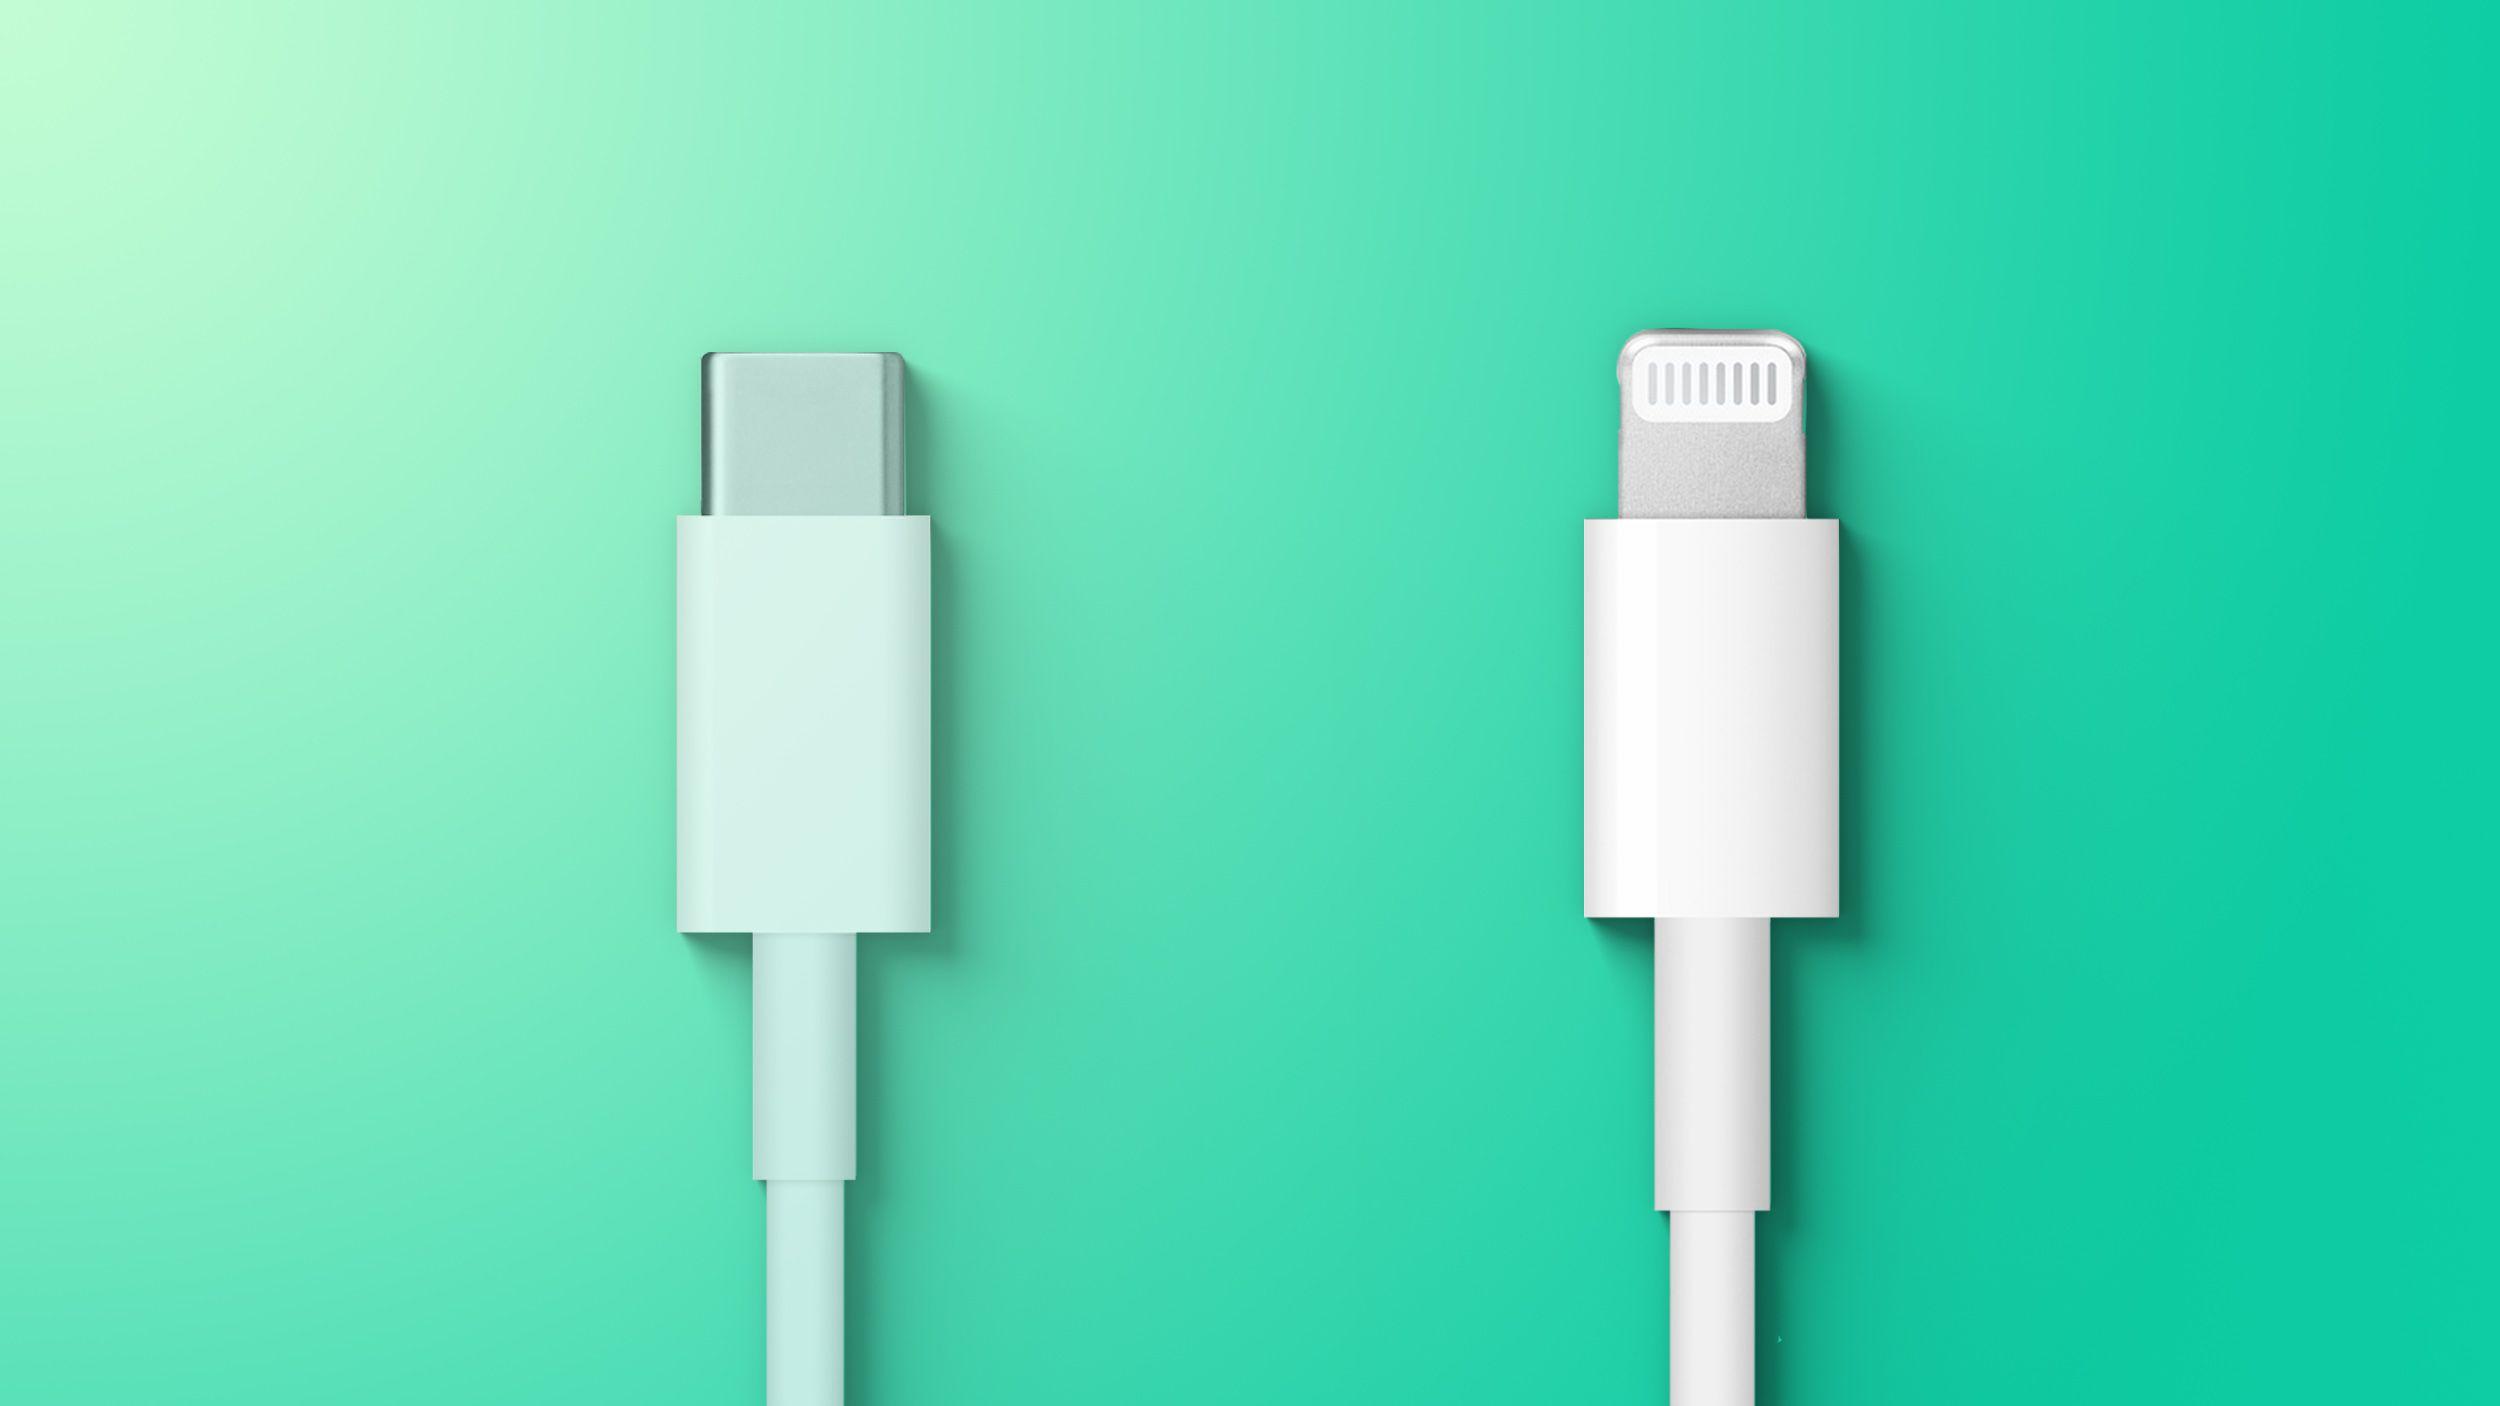 Iphone : l'Europe exige un seul chargeur USB-C d'Apple à partir de 2024